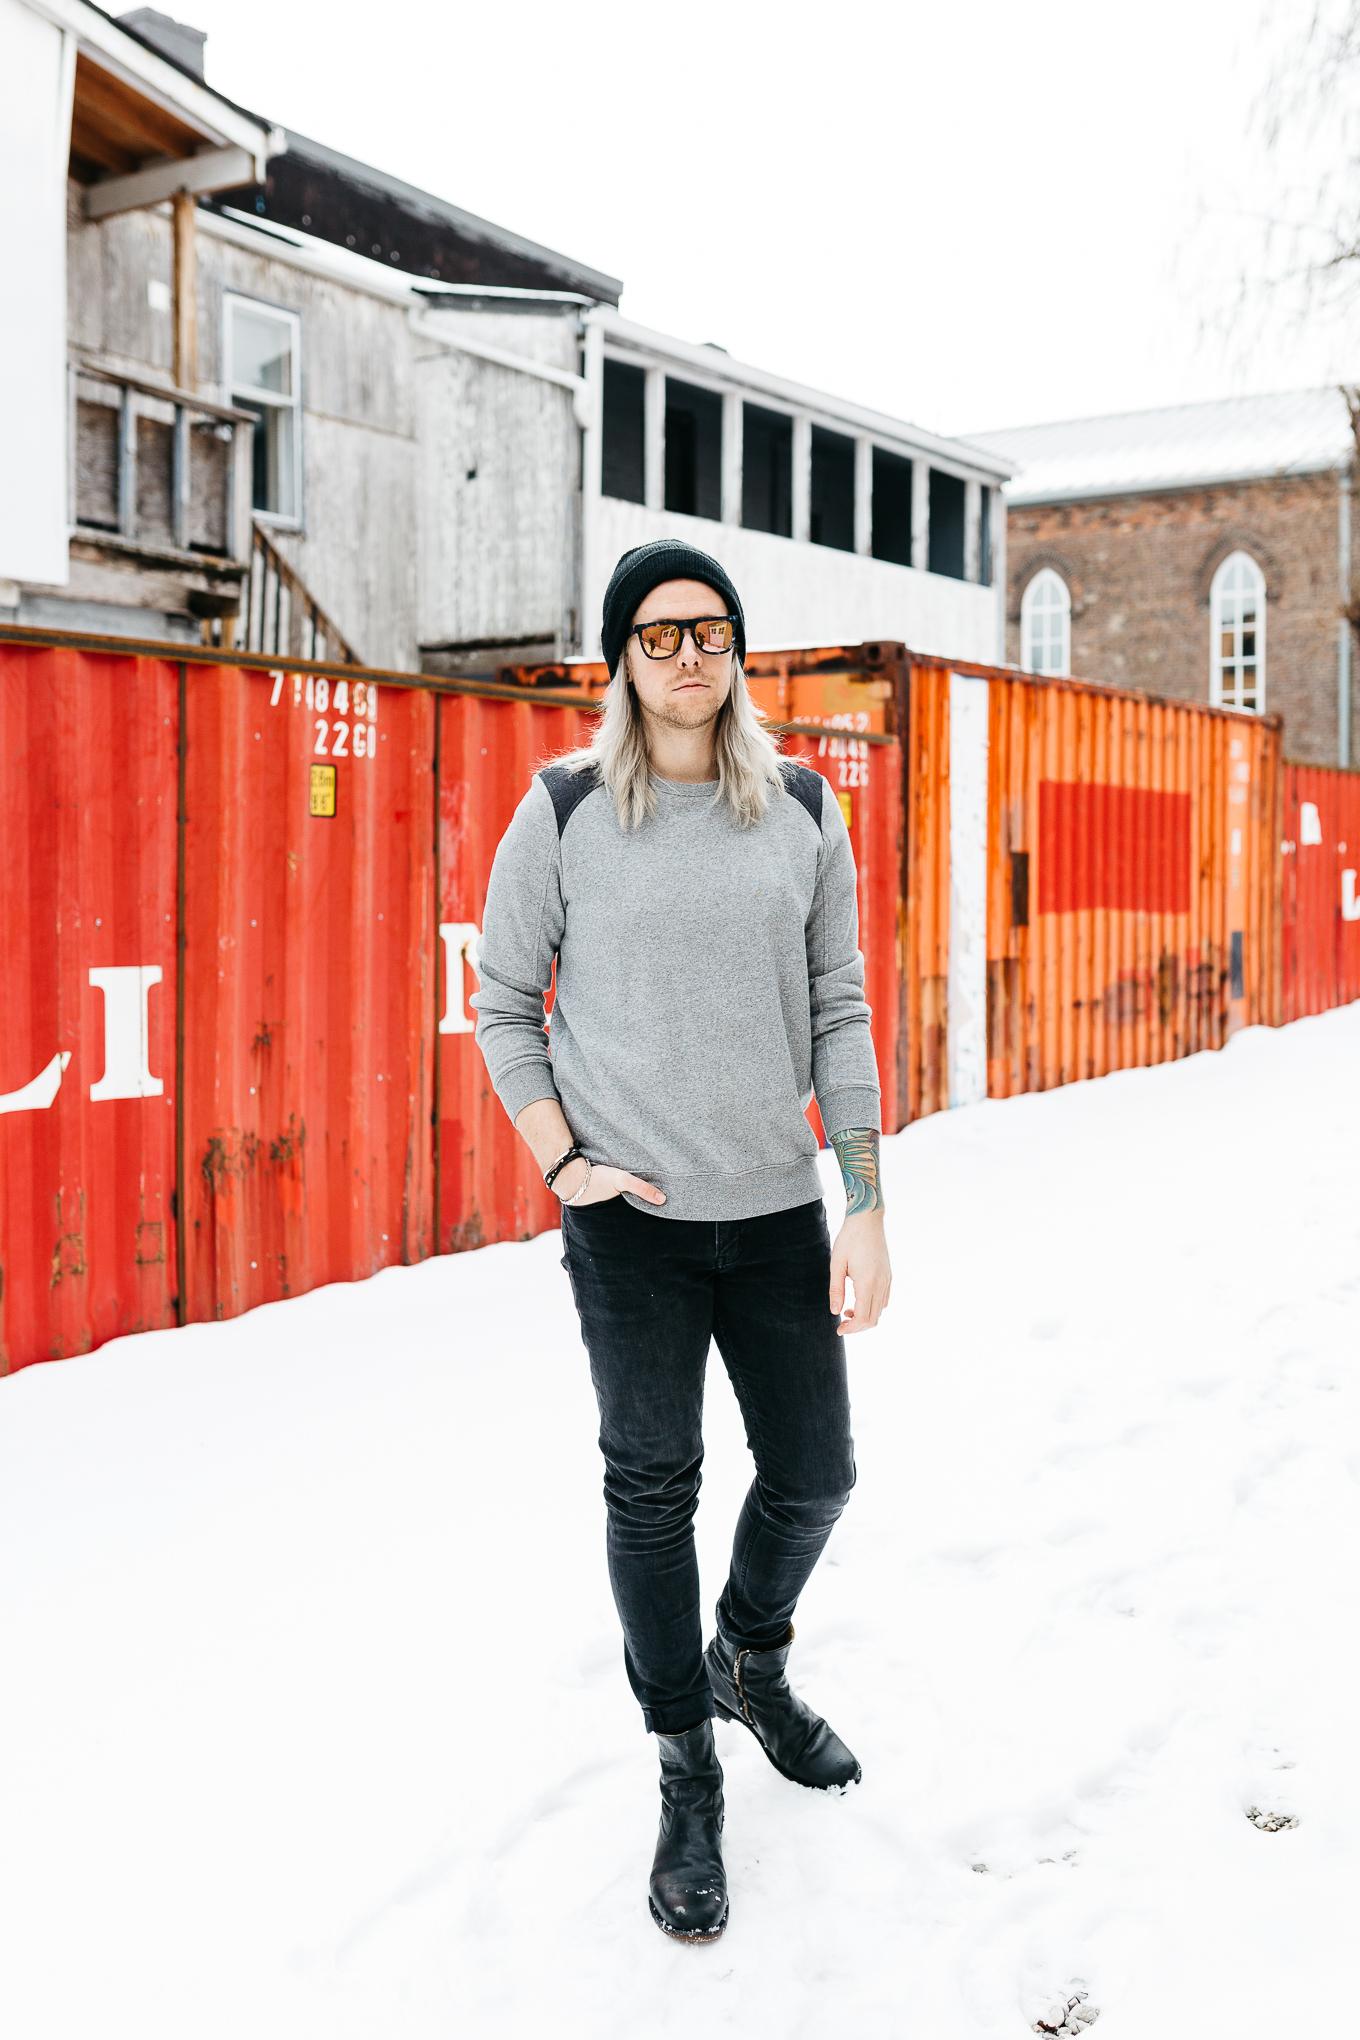 nyfwm, mens fashion week, new york fashion week mens, mens fashion blogger, mens style blogger